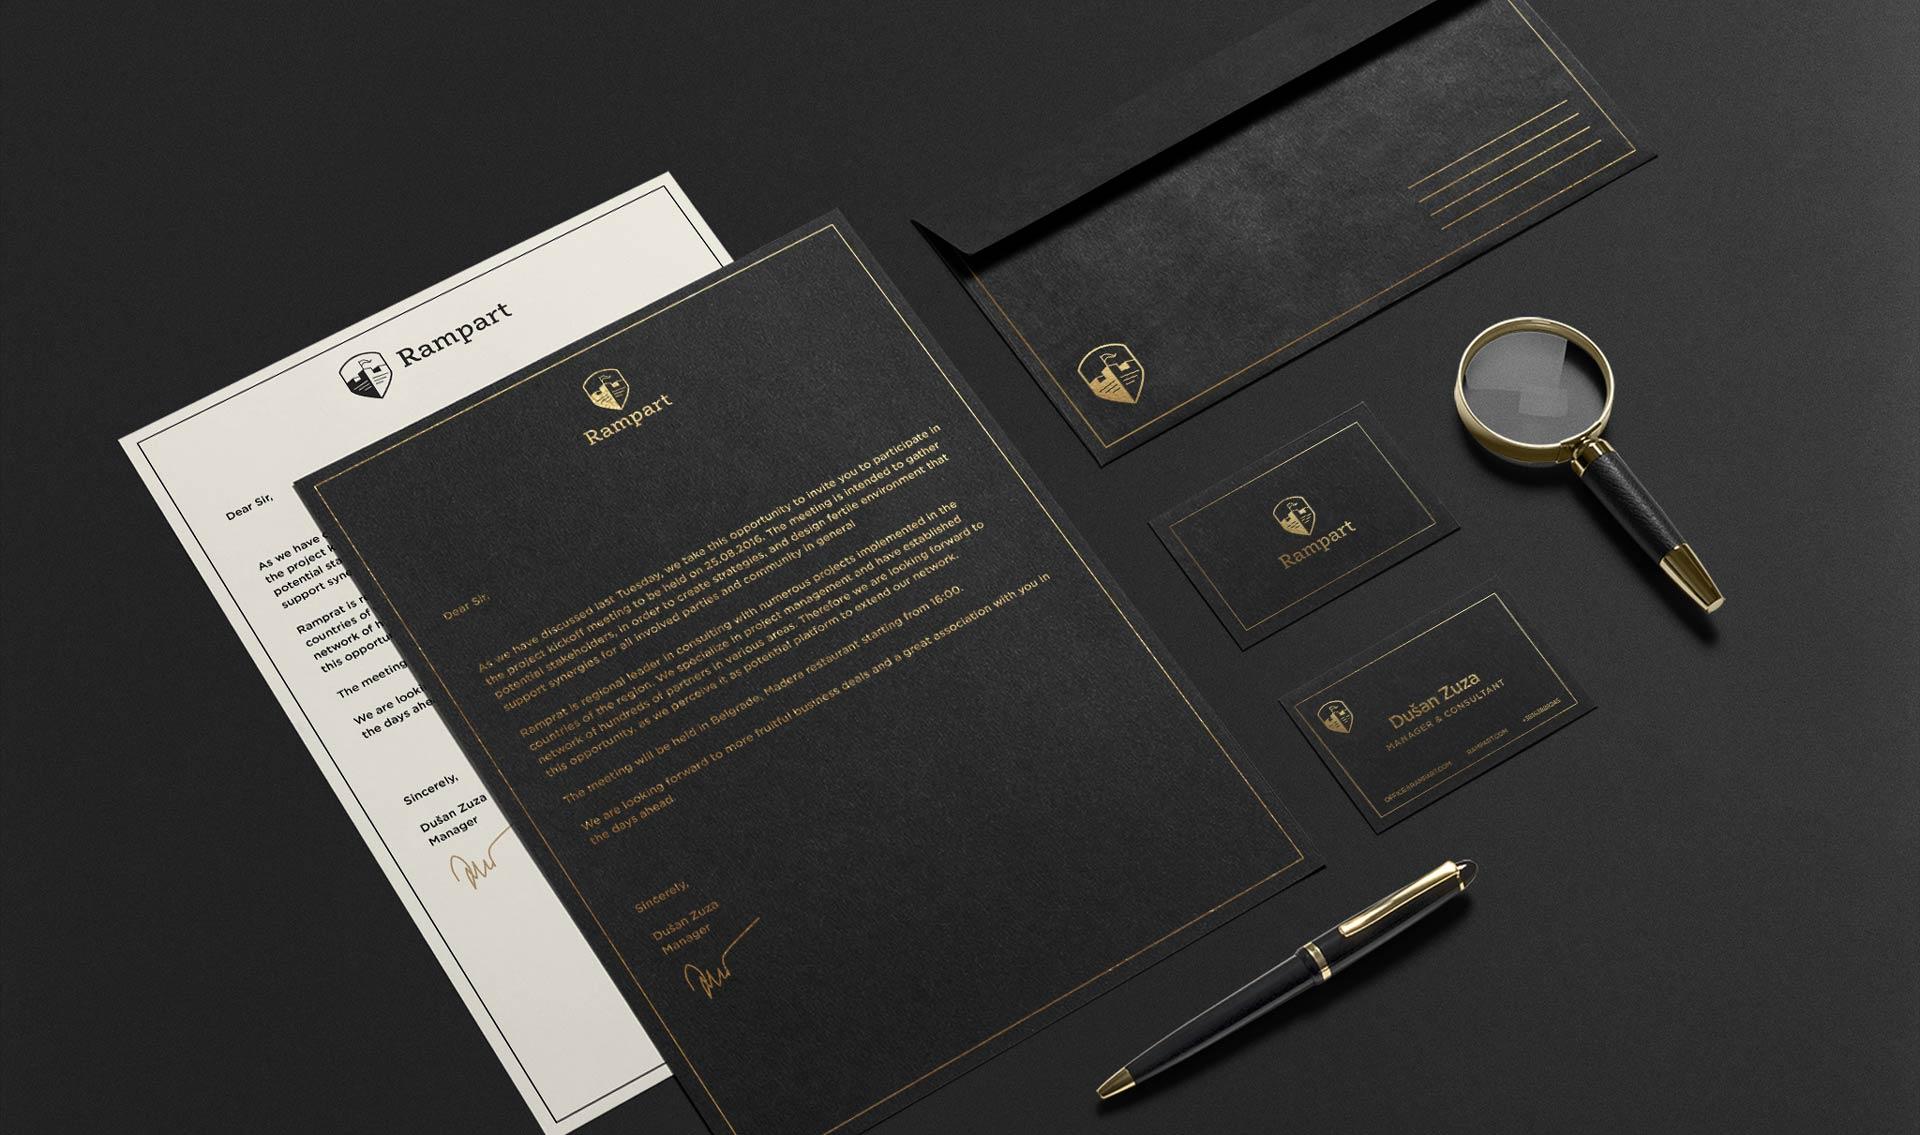 Dizajn poslovnih papira za Rampart konsultantsku agenciju